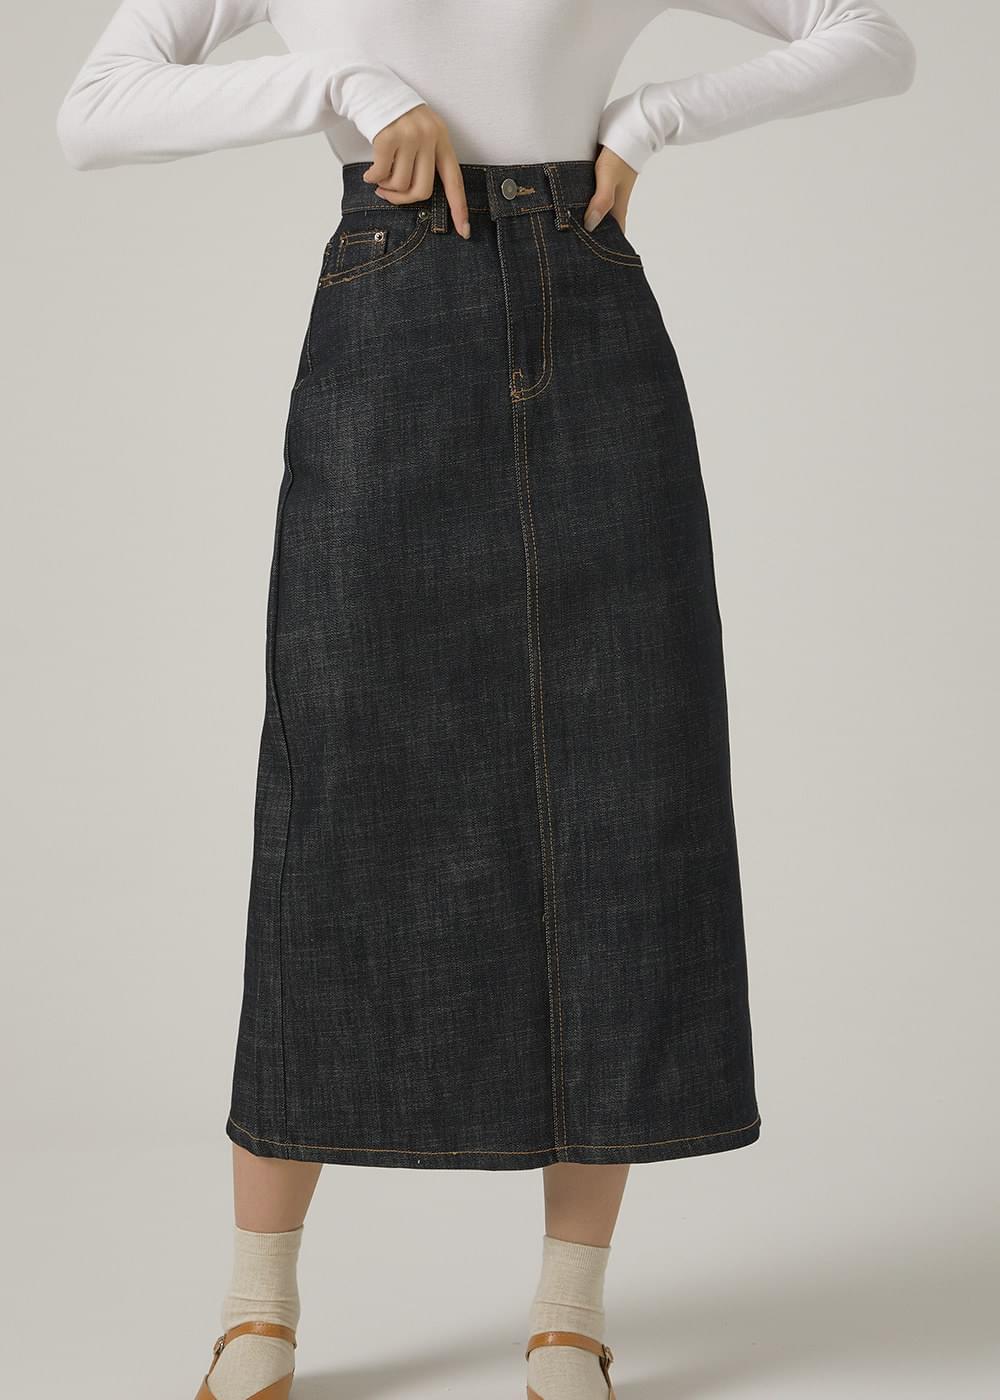 Chunky denim skirt